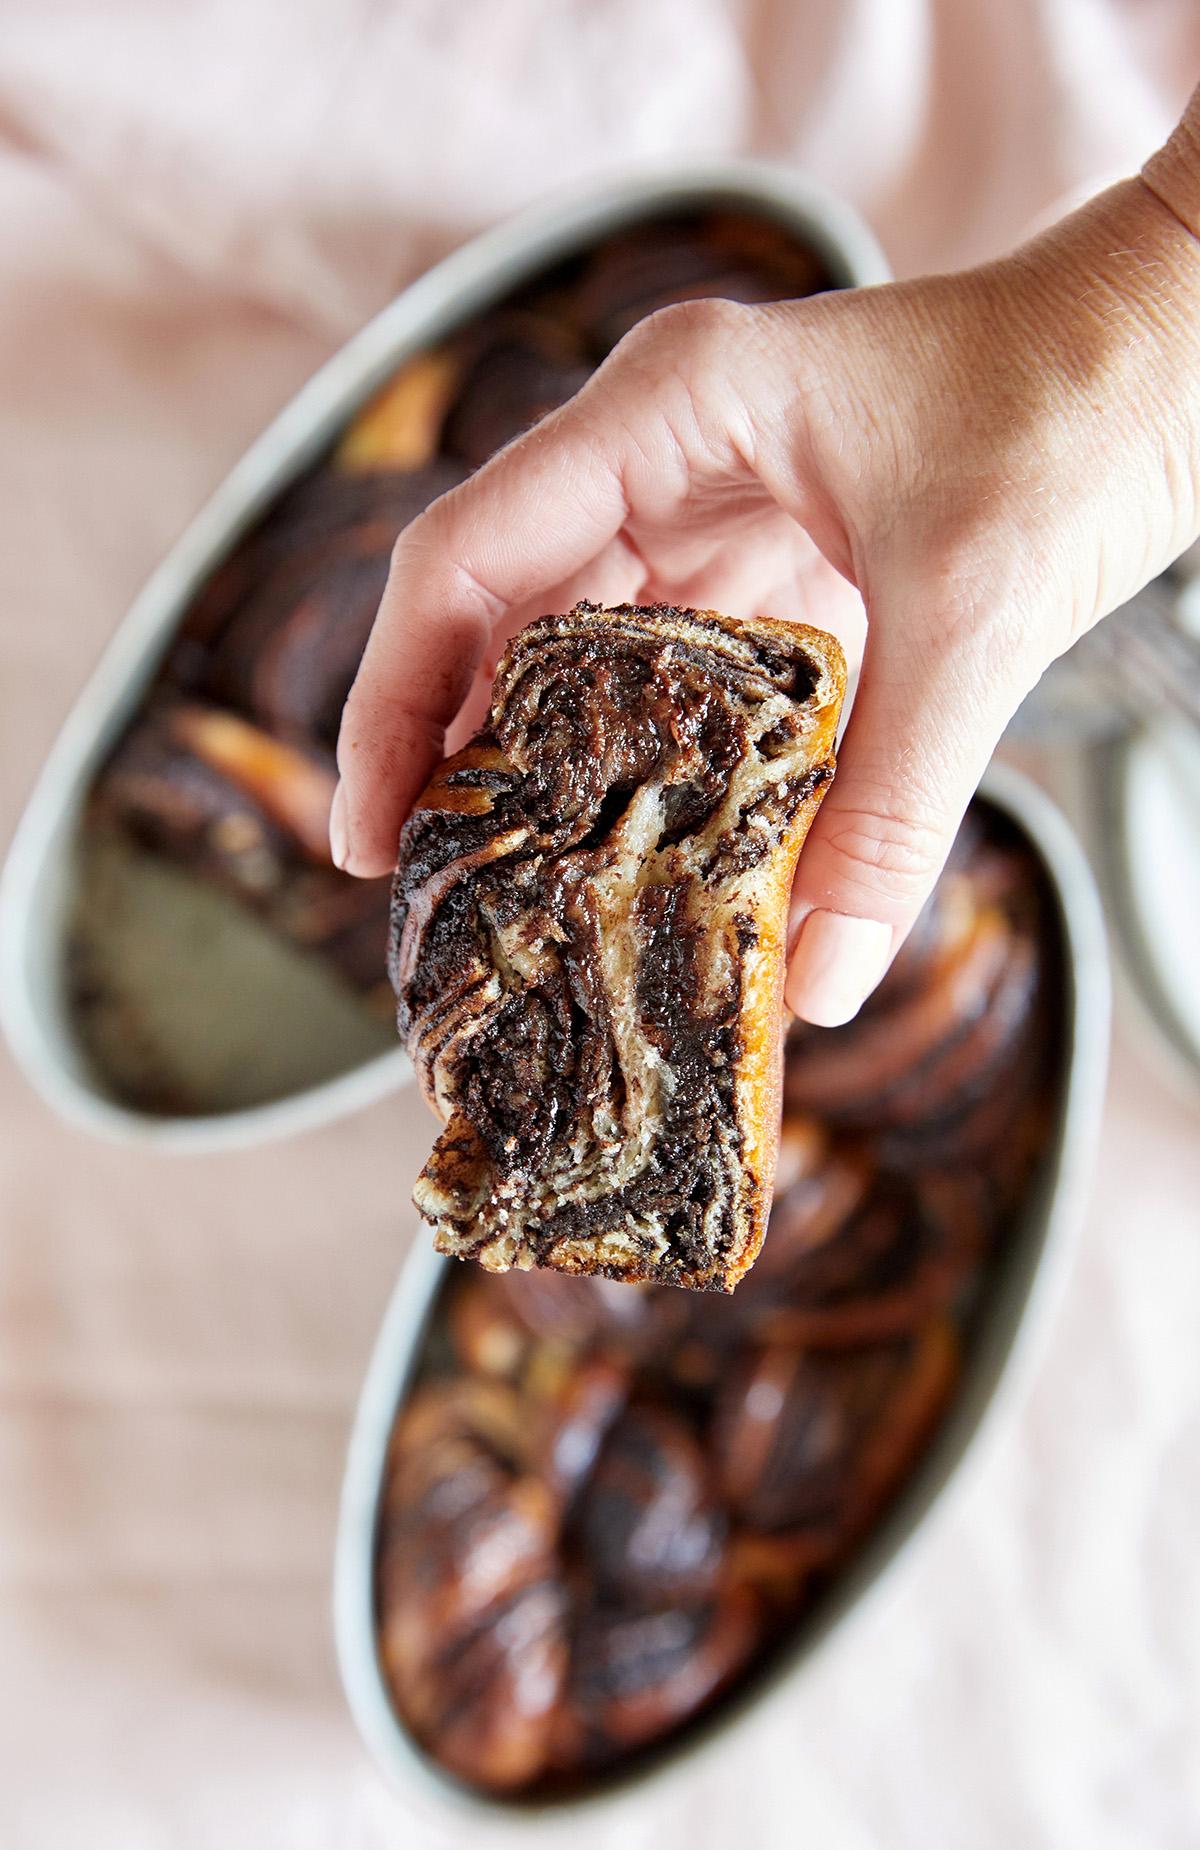 עוגת שמרים שוקולד. צילום: טל סיון צפורין